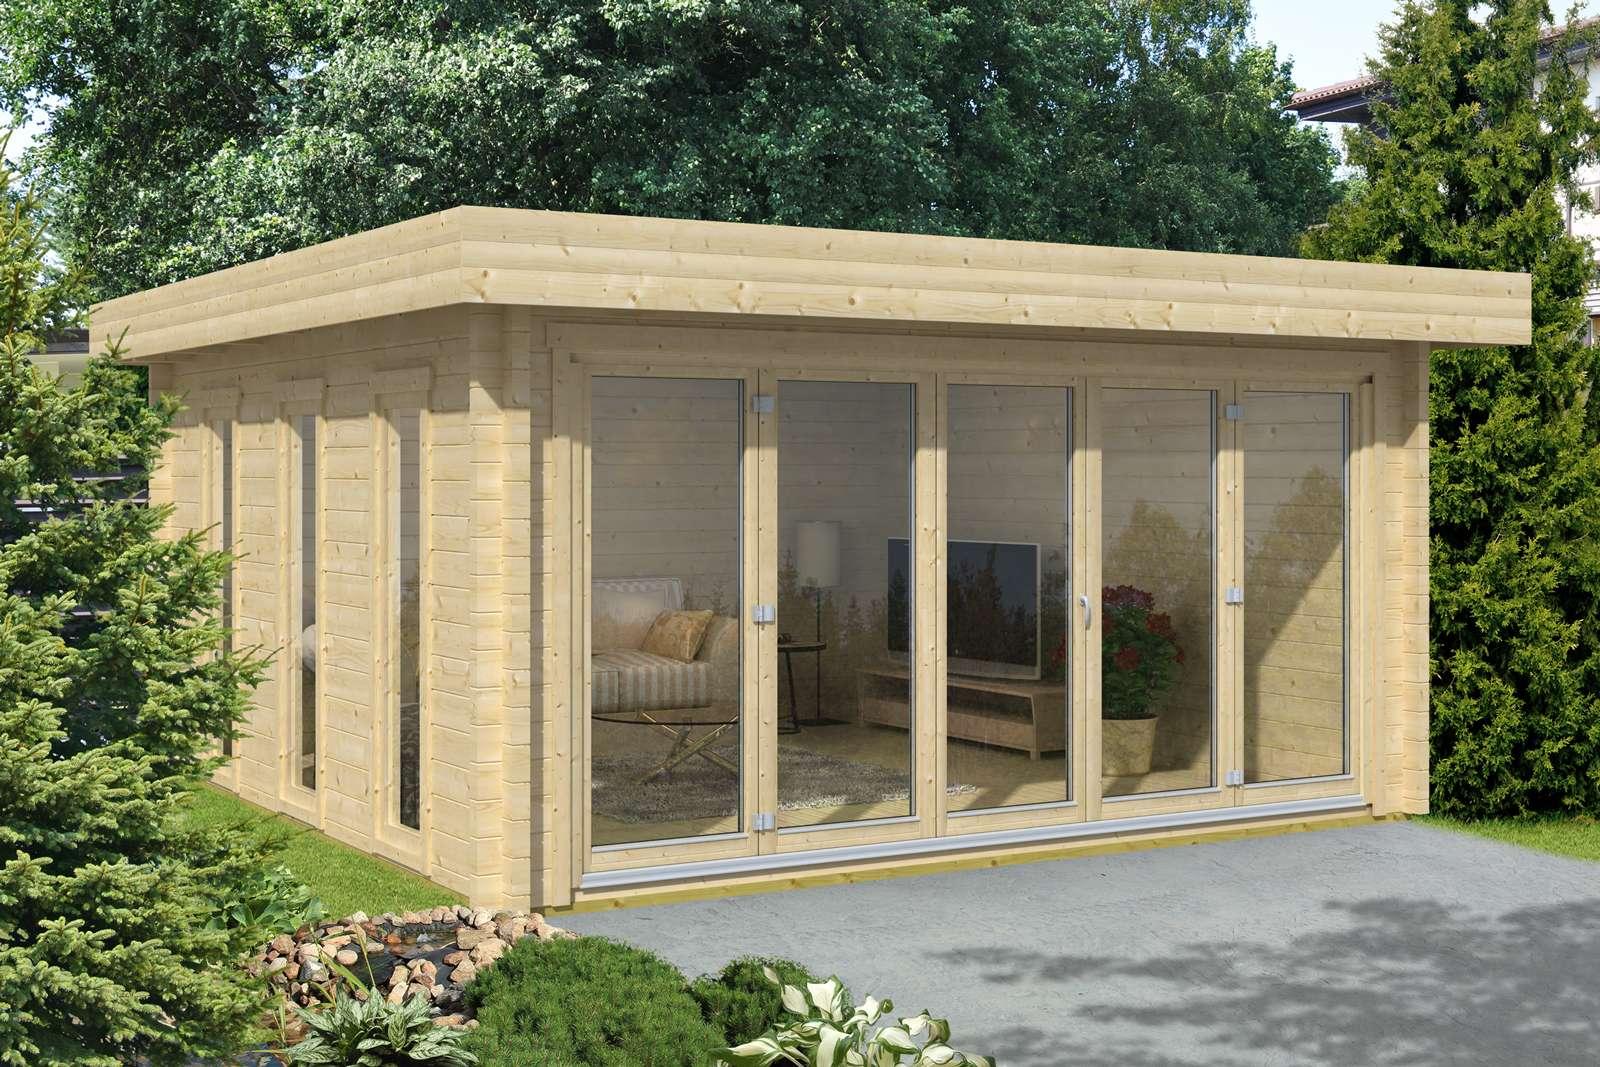 Gartenhaus mit Flachdach günstig kaufen 0€ Versandkosten